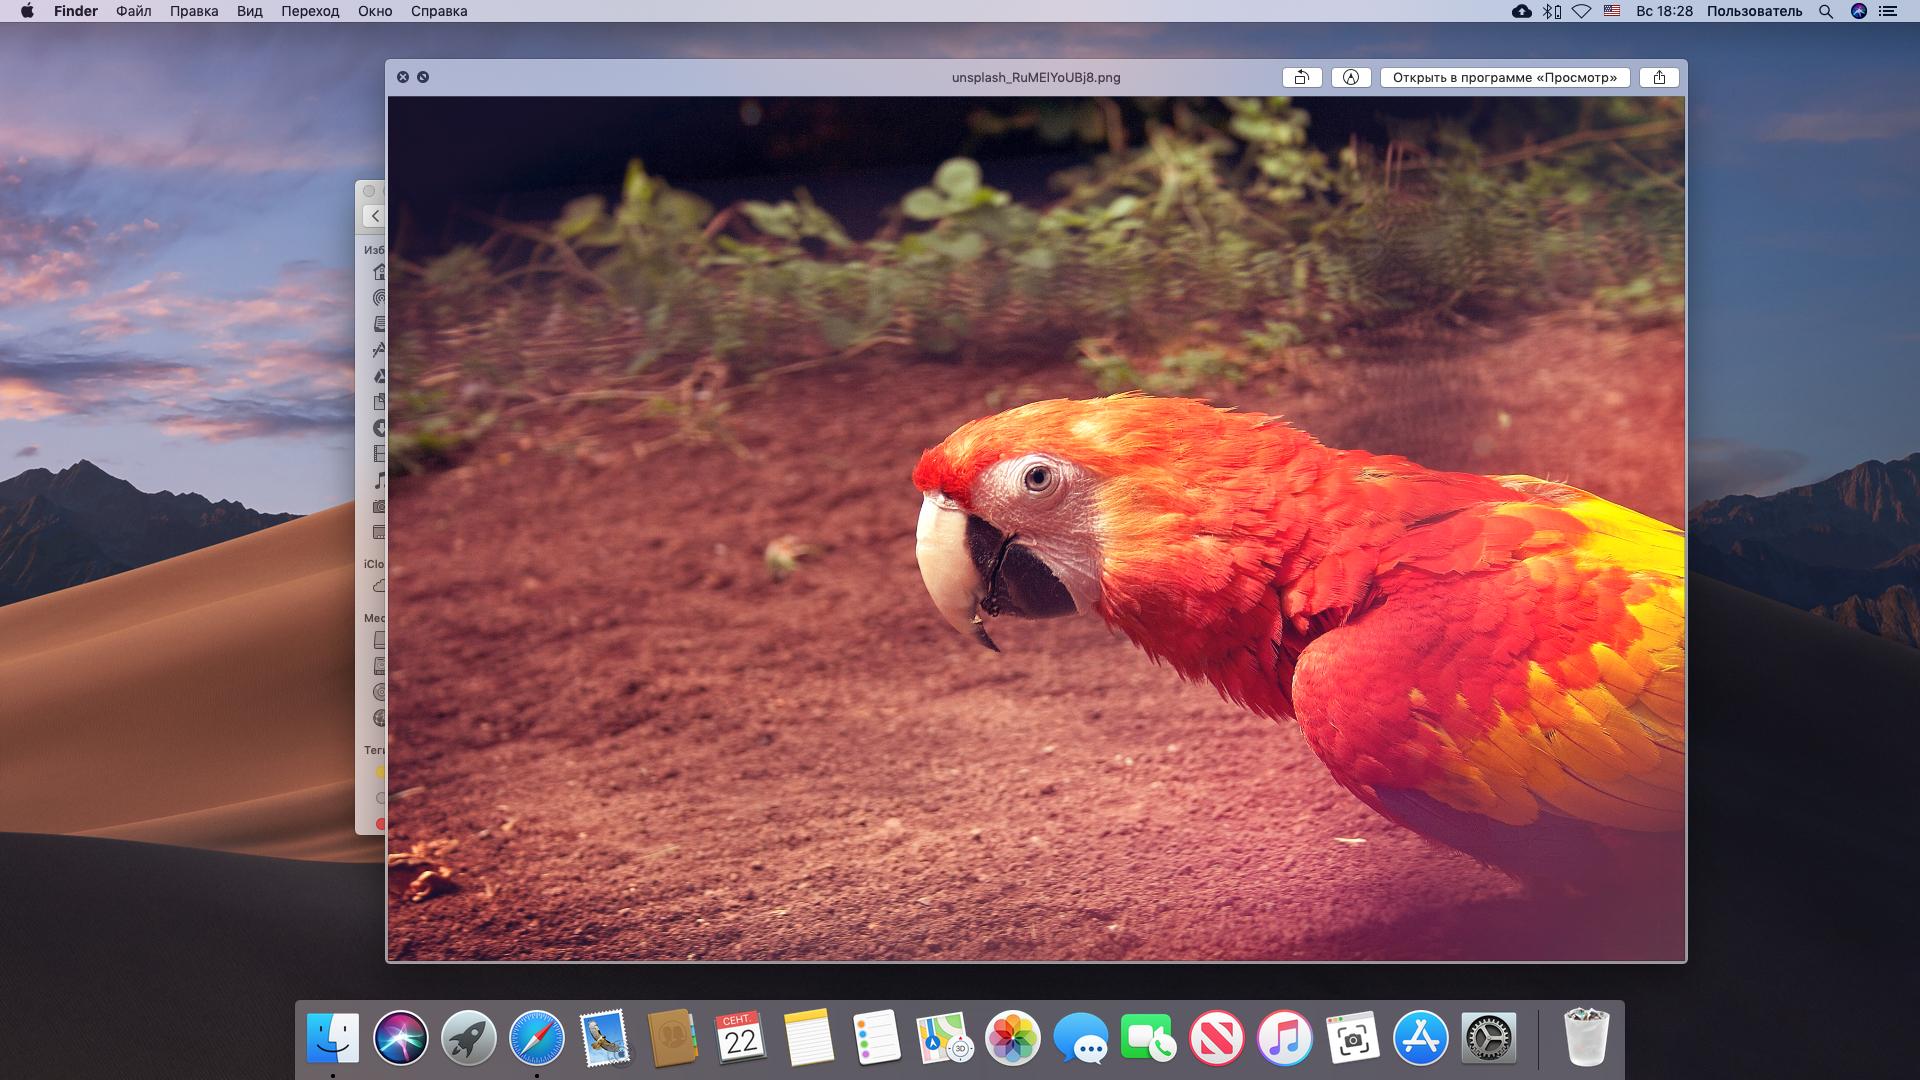 Предпросмотр файлов на Mac